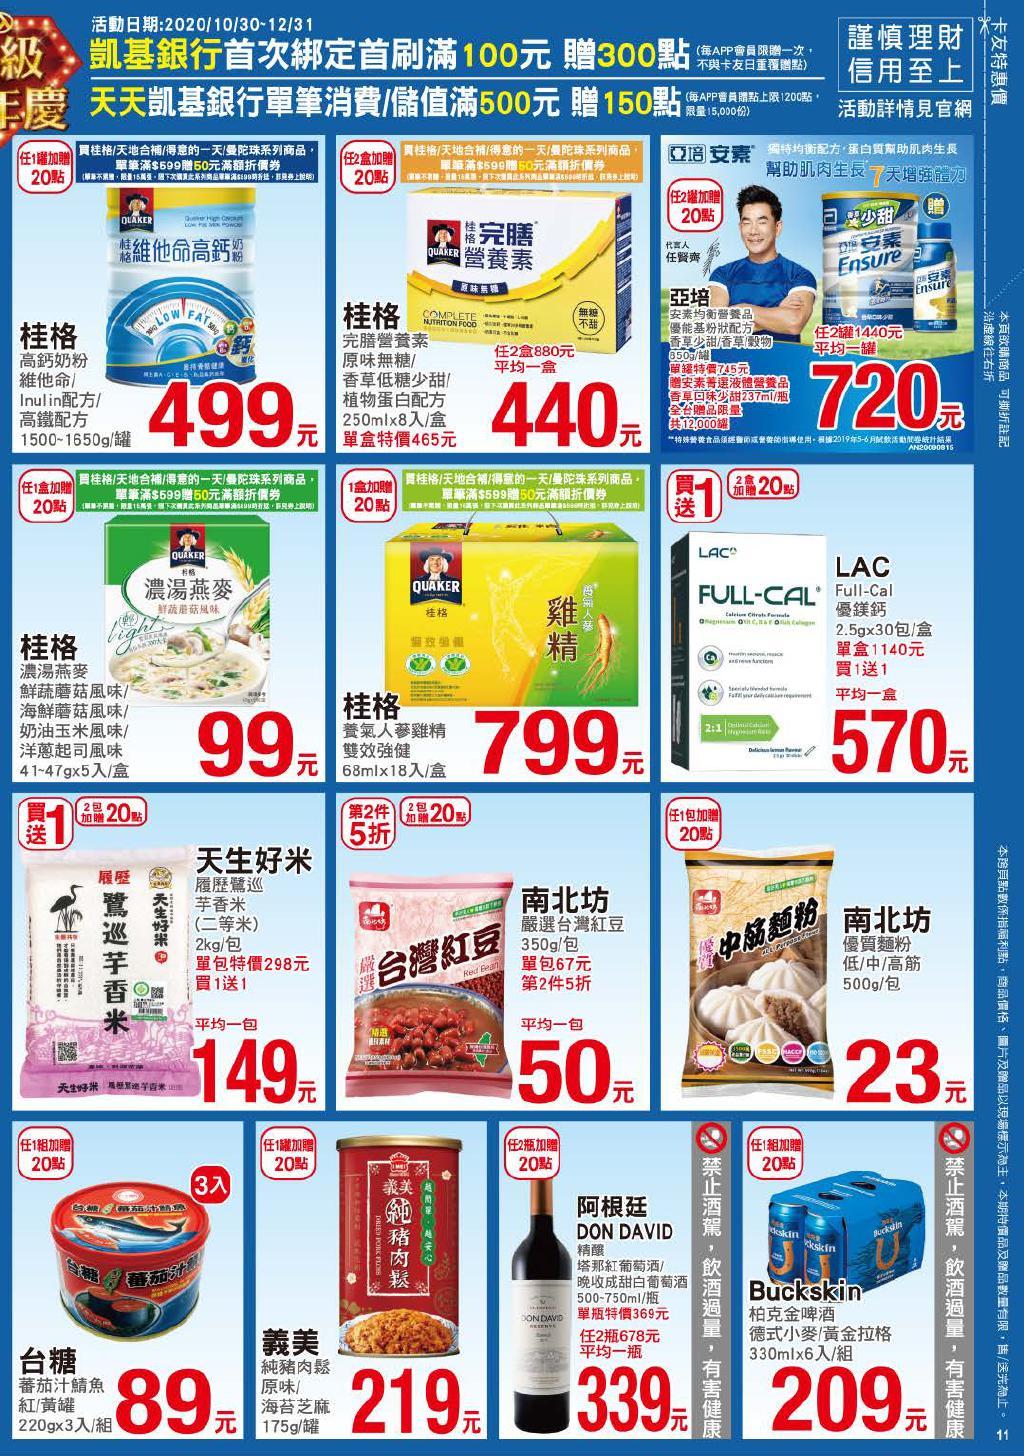 pxmart20201119_000011.jpg